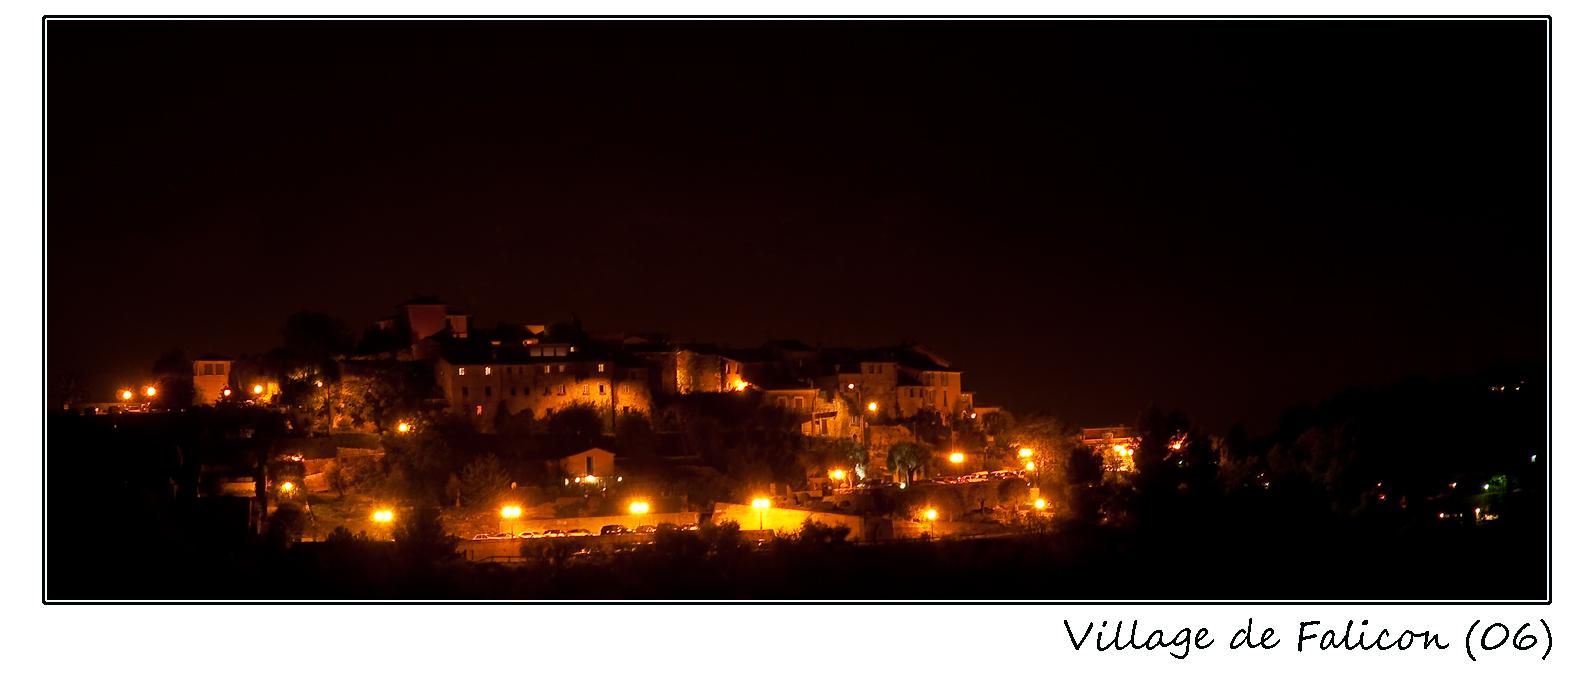 Village de Falicon (06) de nuit